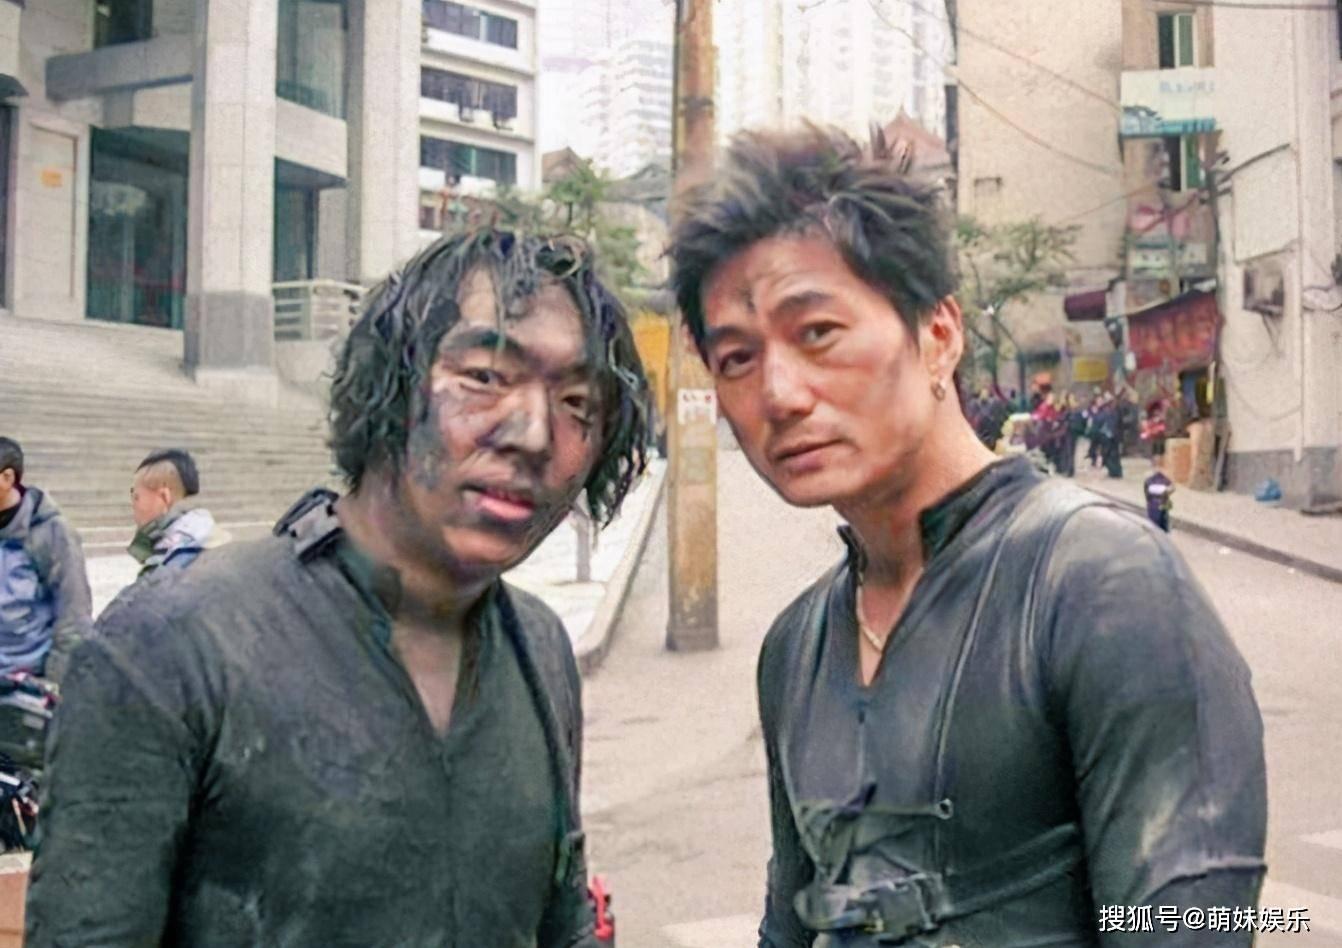 黄渤乞丐图片